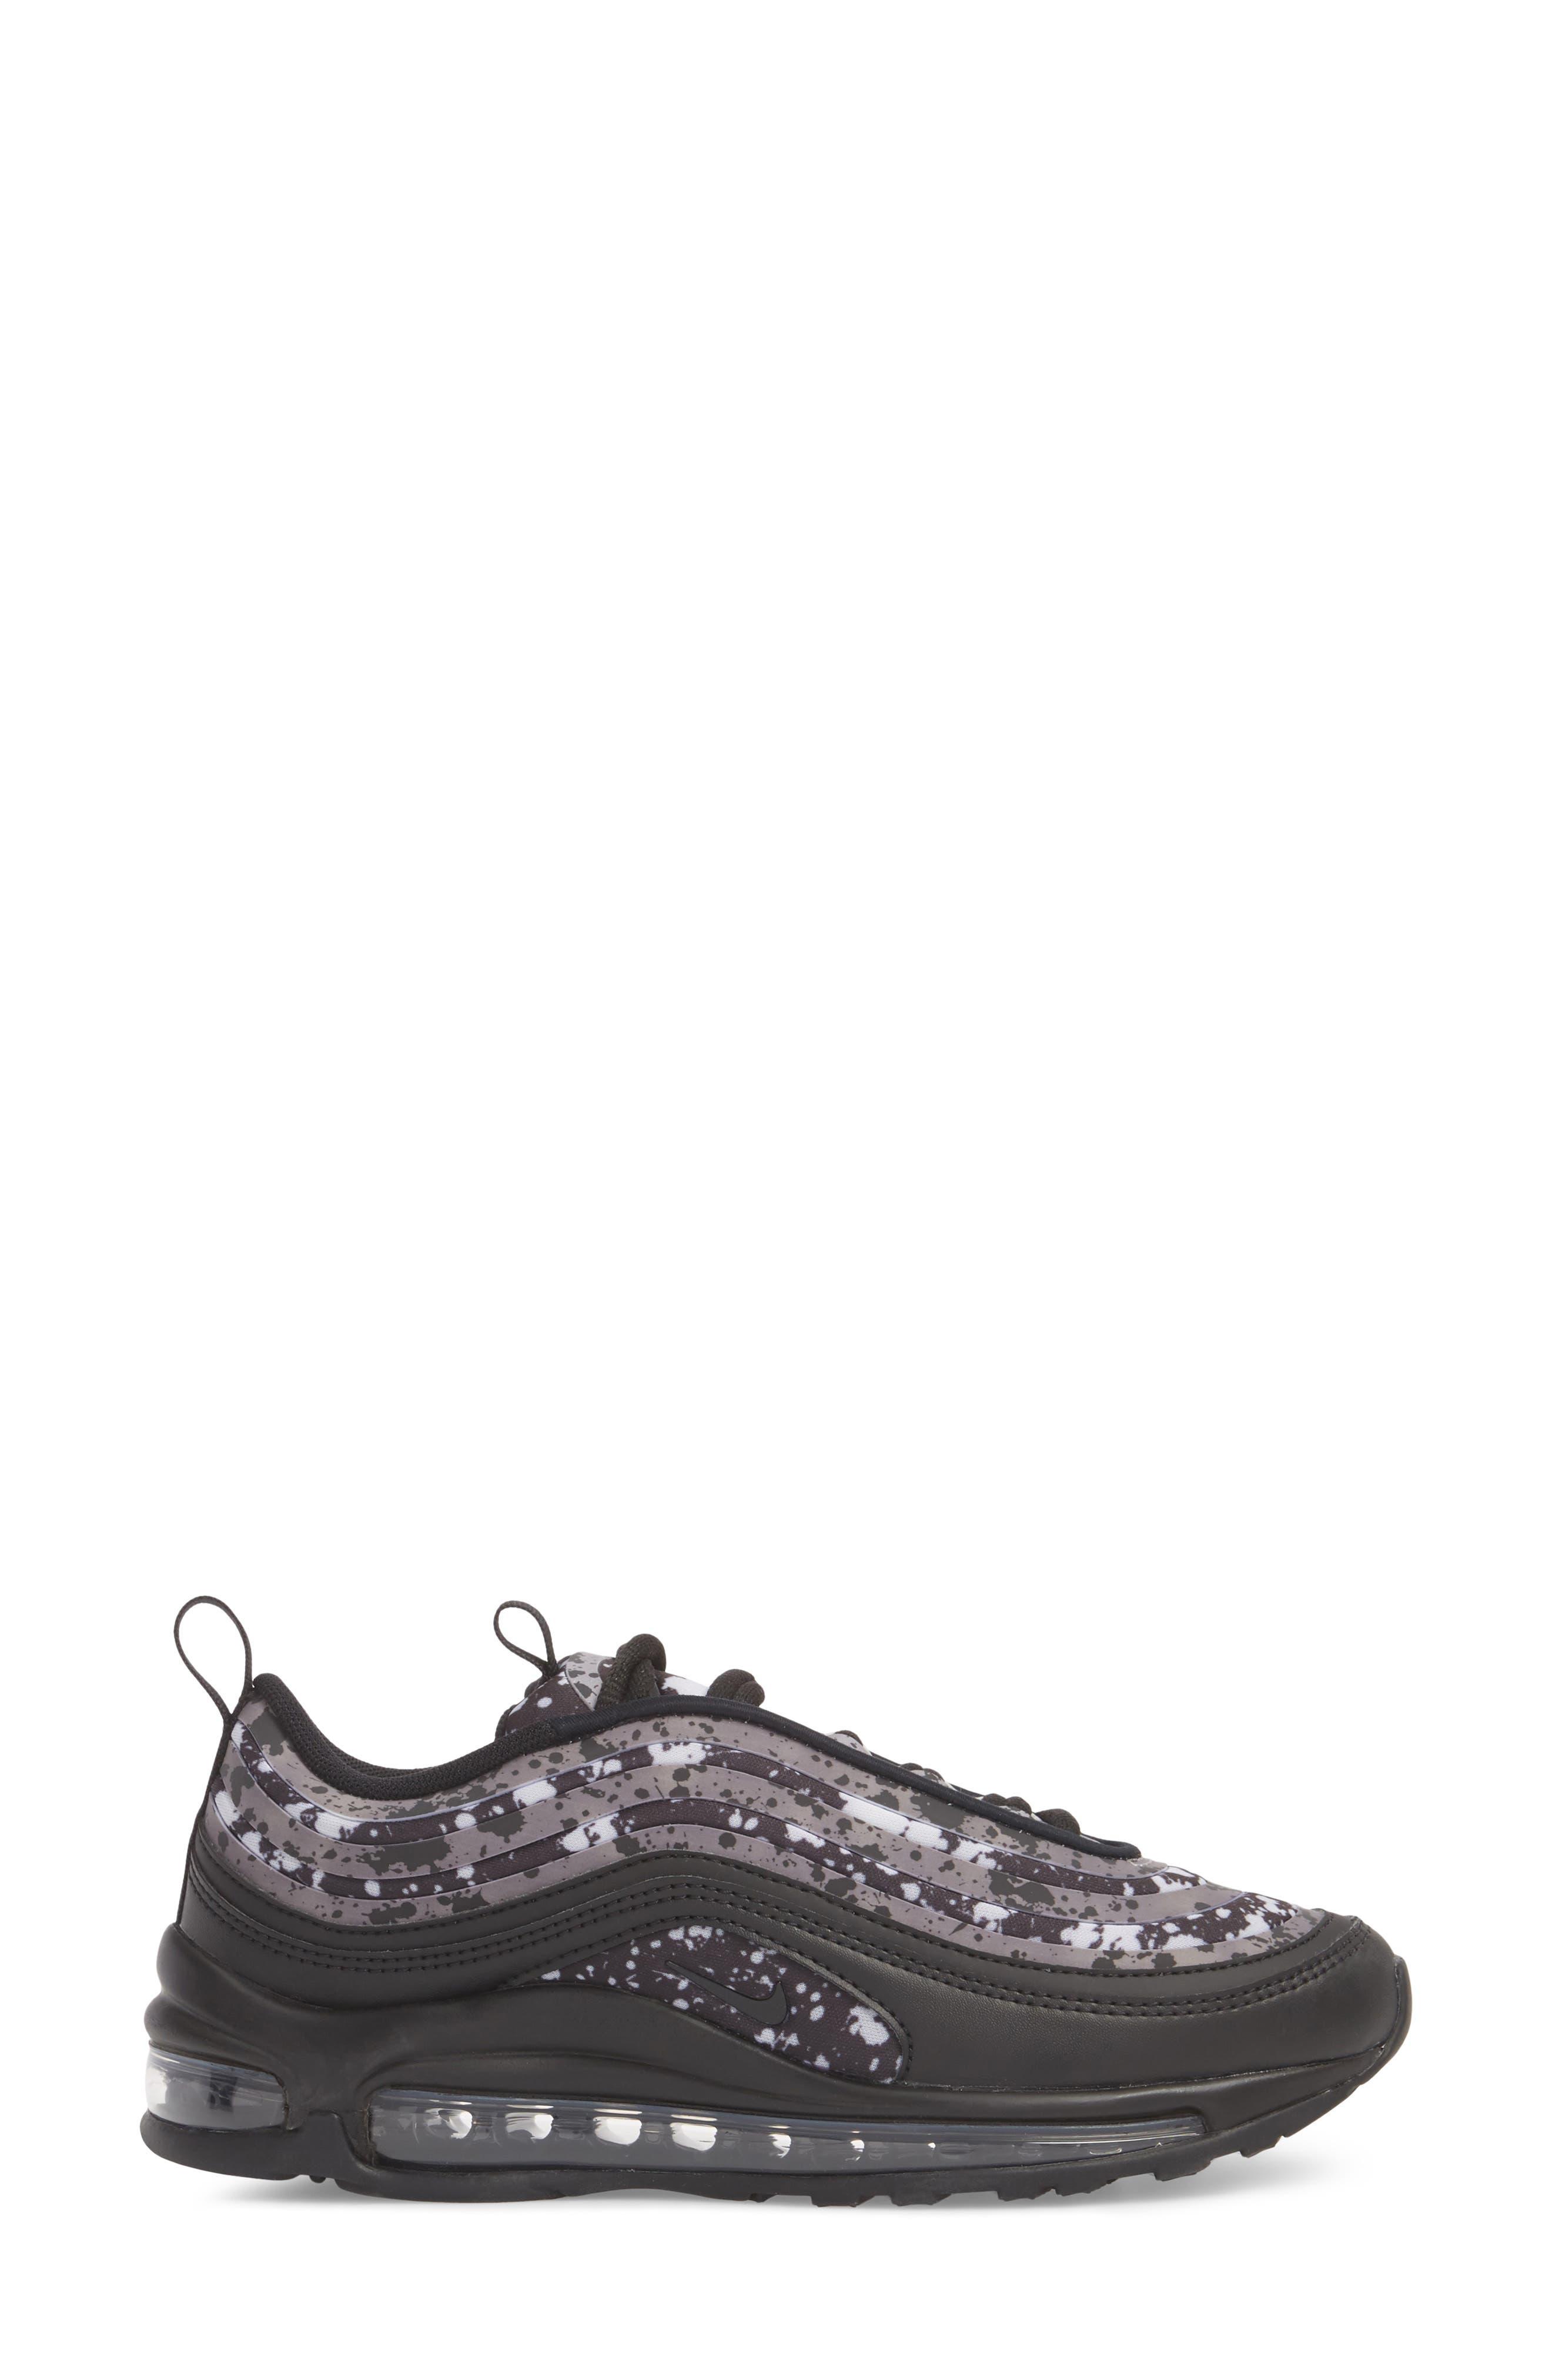 Air Max 97 Ultra '17 Premium Sneaker,                             Alternate thumbnail 3, color,                             Black/ Black-Vast Grey